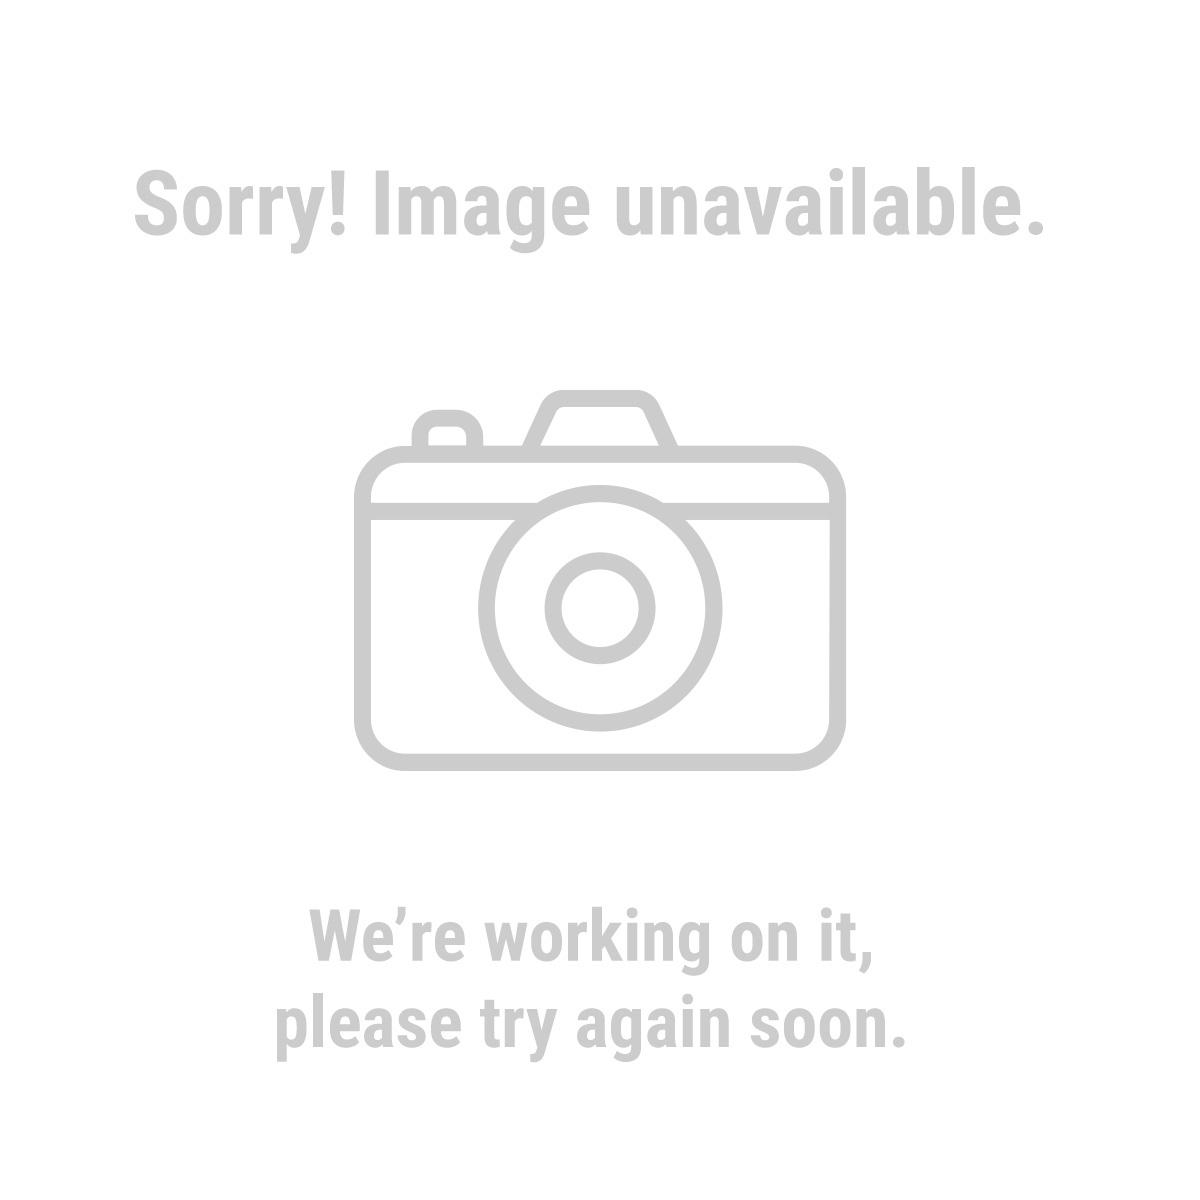 """Warrior 69954 5 Piece 6"""" 80 Grit PSA Sanding Discs"""